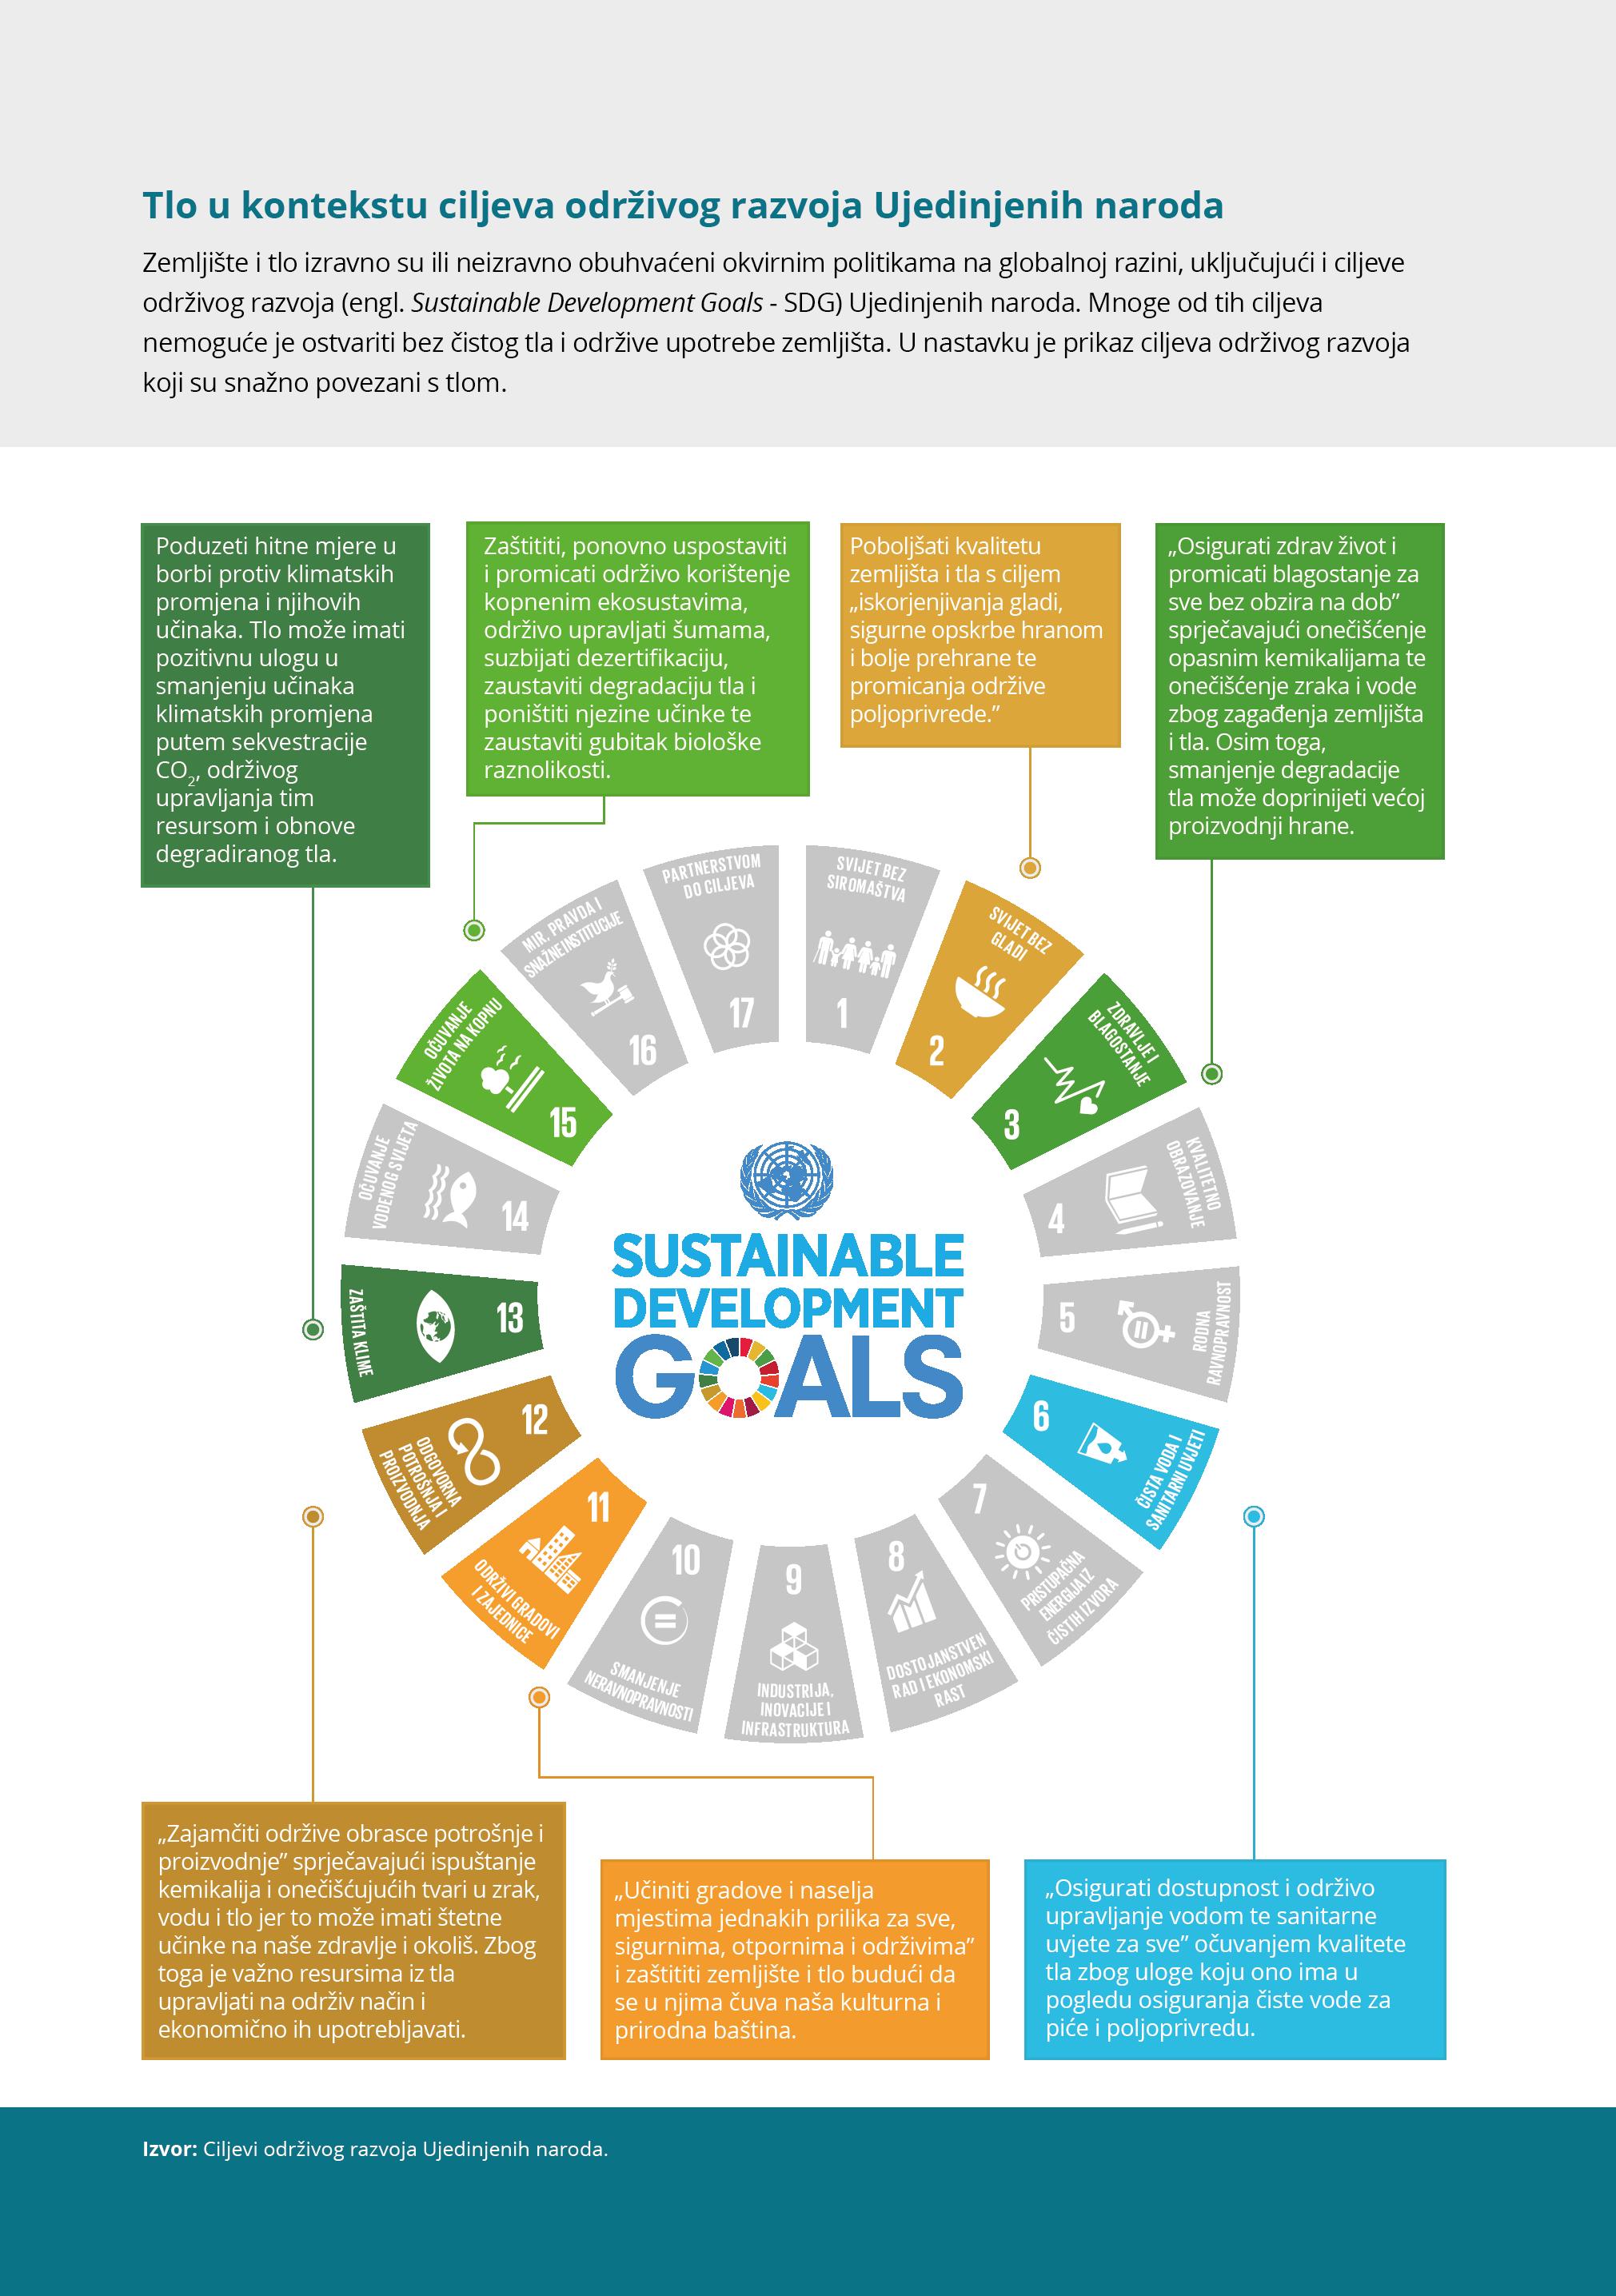 Tlo u kontekstu ciljeva održivog razvoja Ujedinjenih naroda